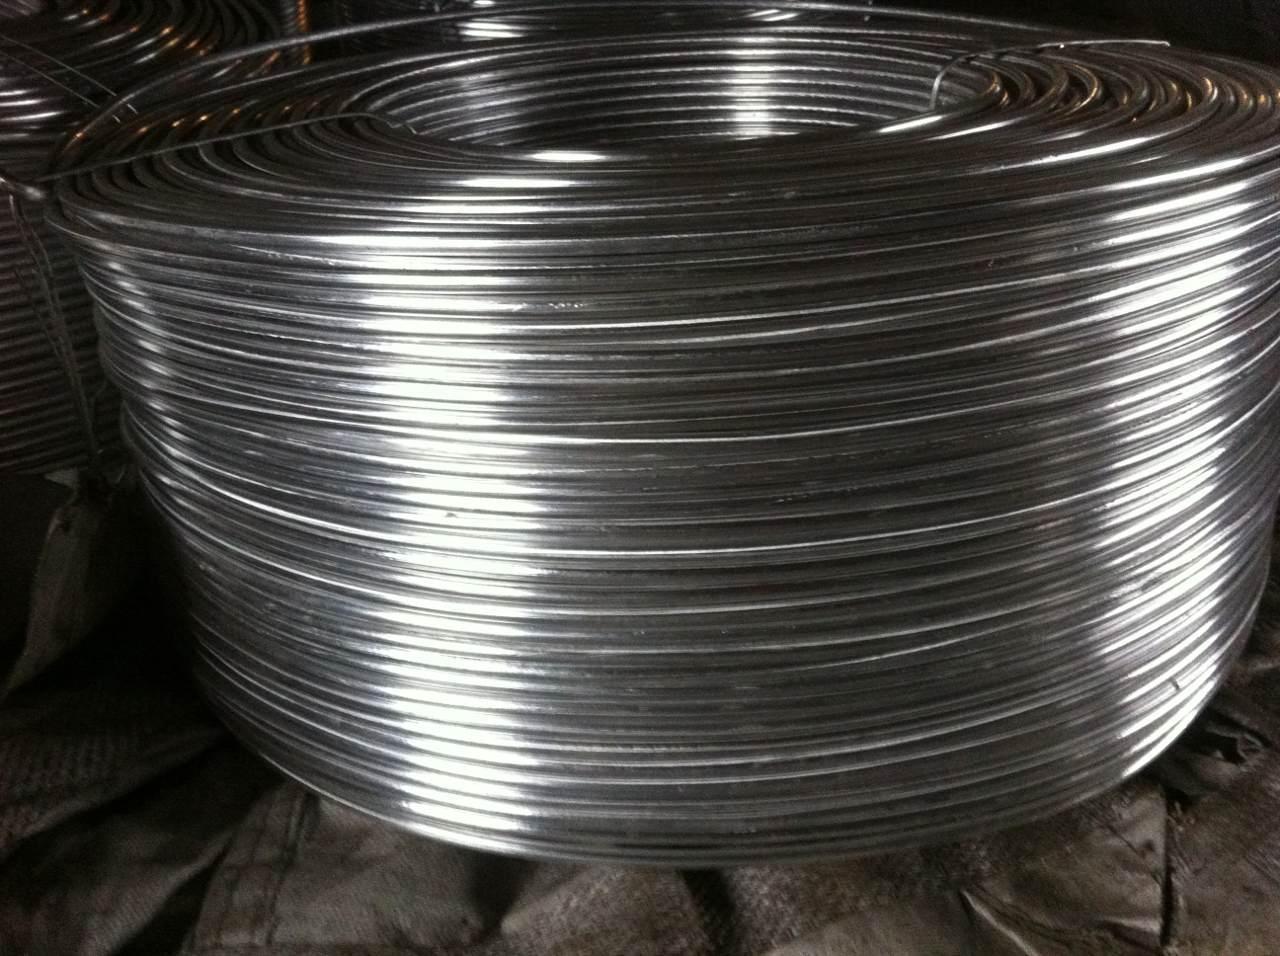 beryllium aluminium alloy wires